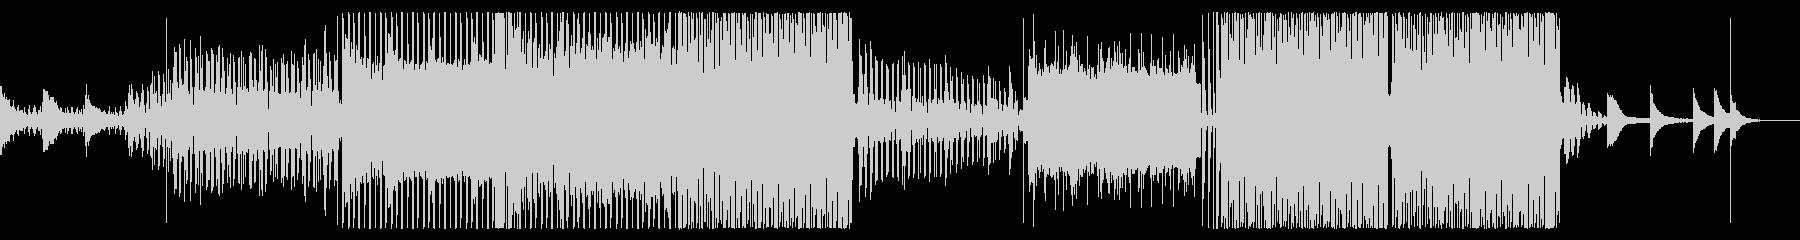 シネマティック/アパレル/ディープハウスの未再生の波形